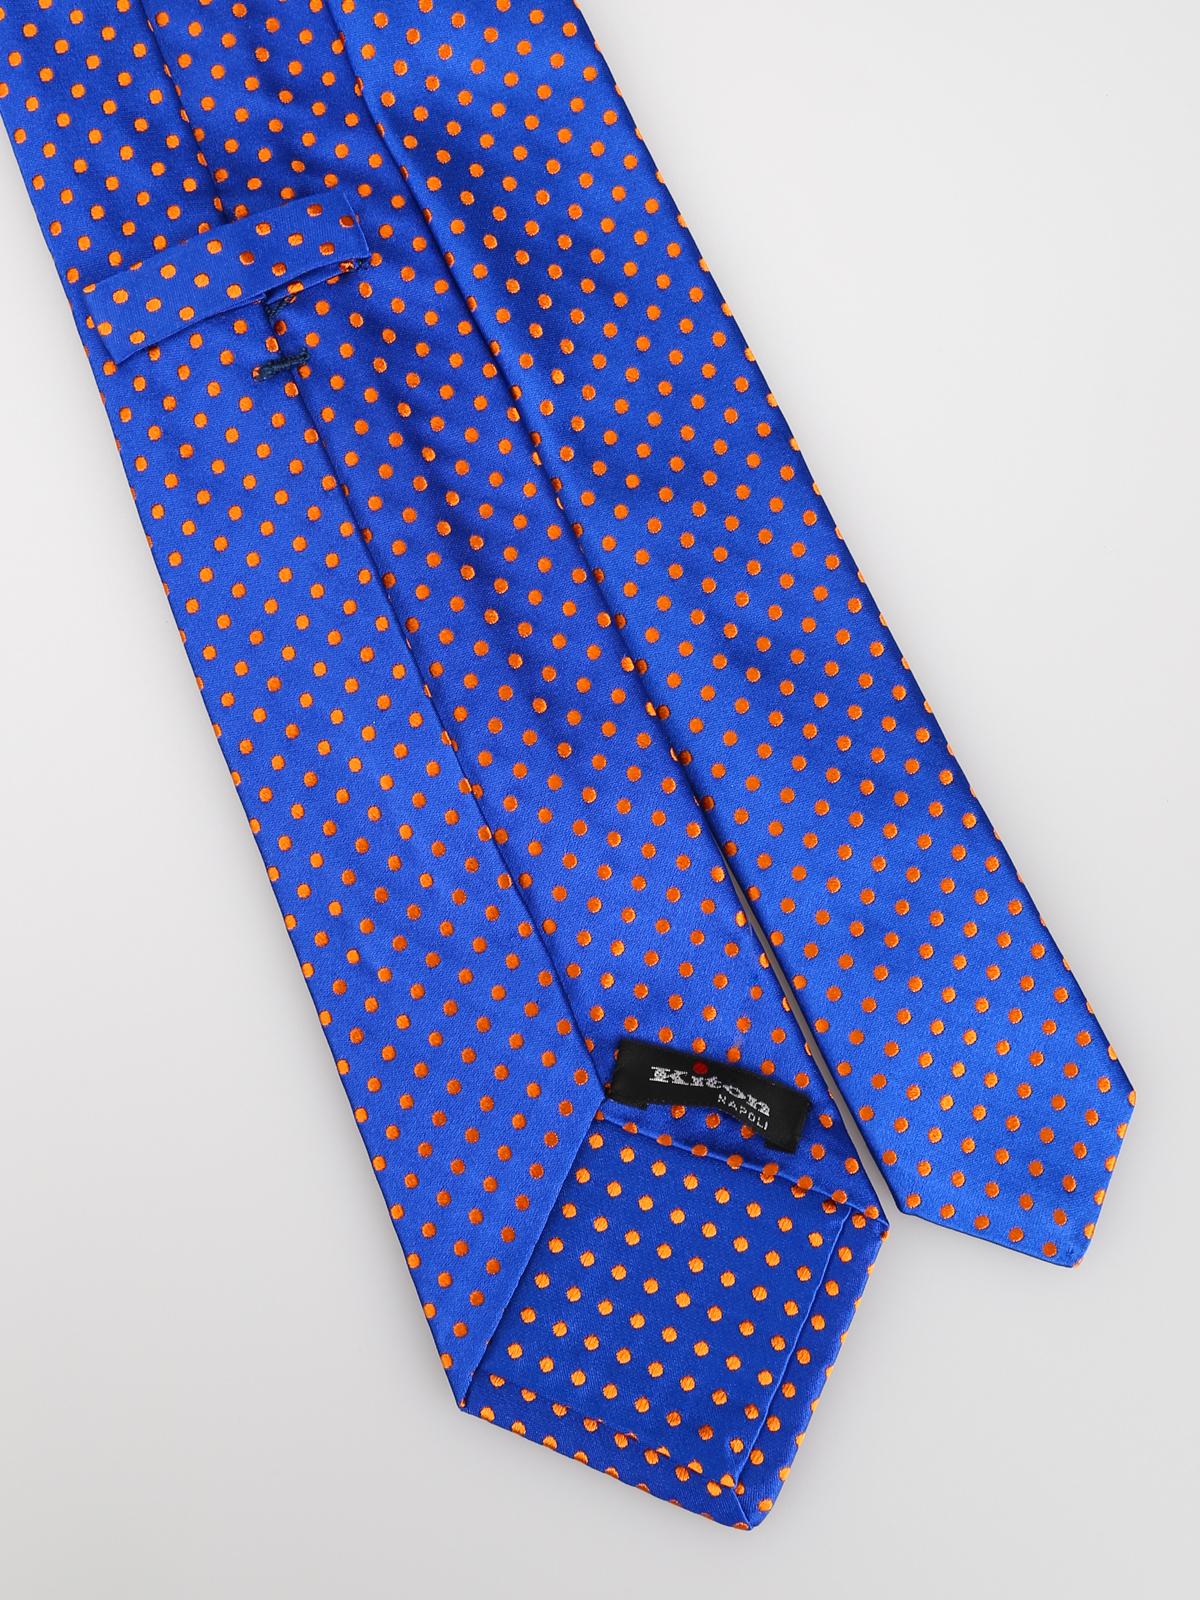 7f35291d7db5 Kiton - Blue and orange polka-dot silk tie - ties & bow ties - 5F212